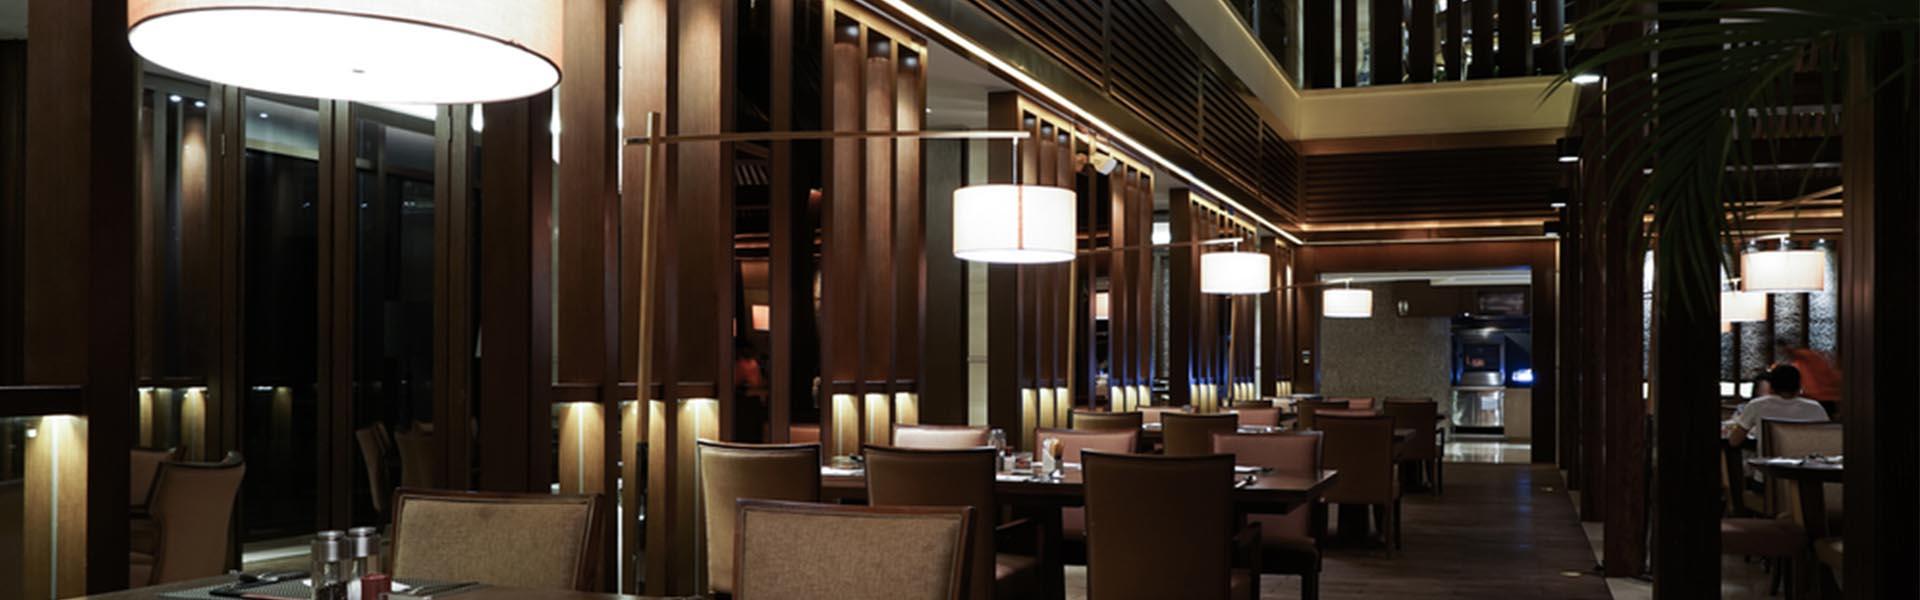 A luxury restaurant